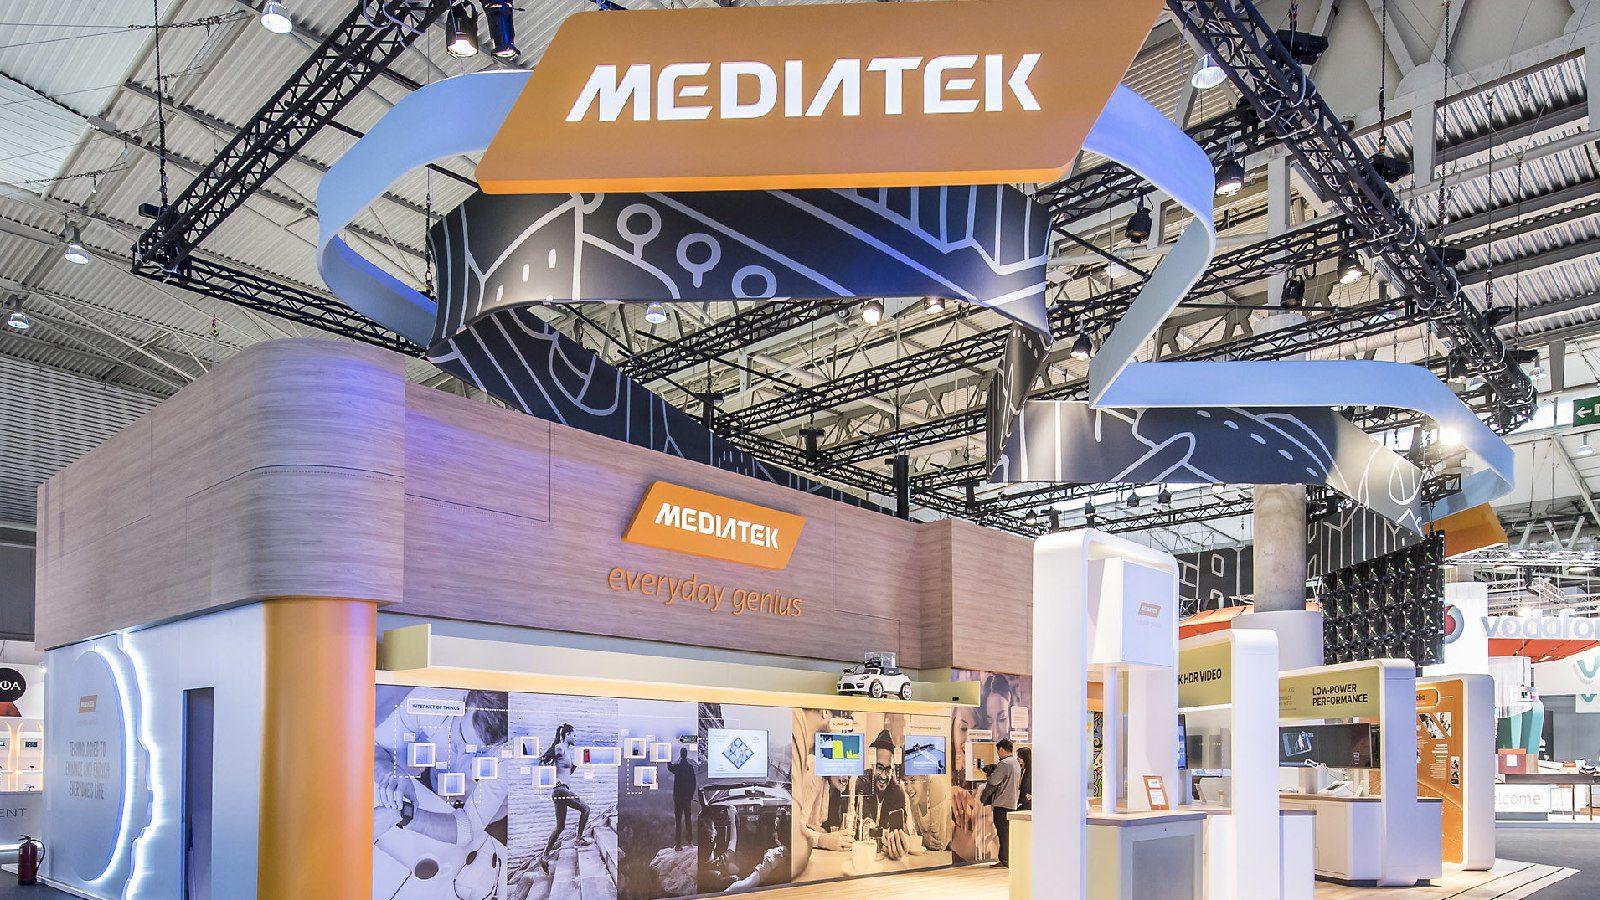 Mediatek Technology